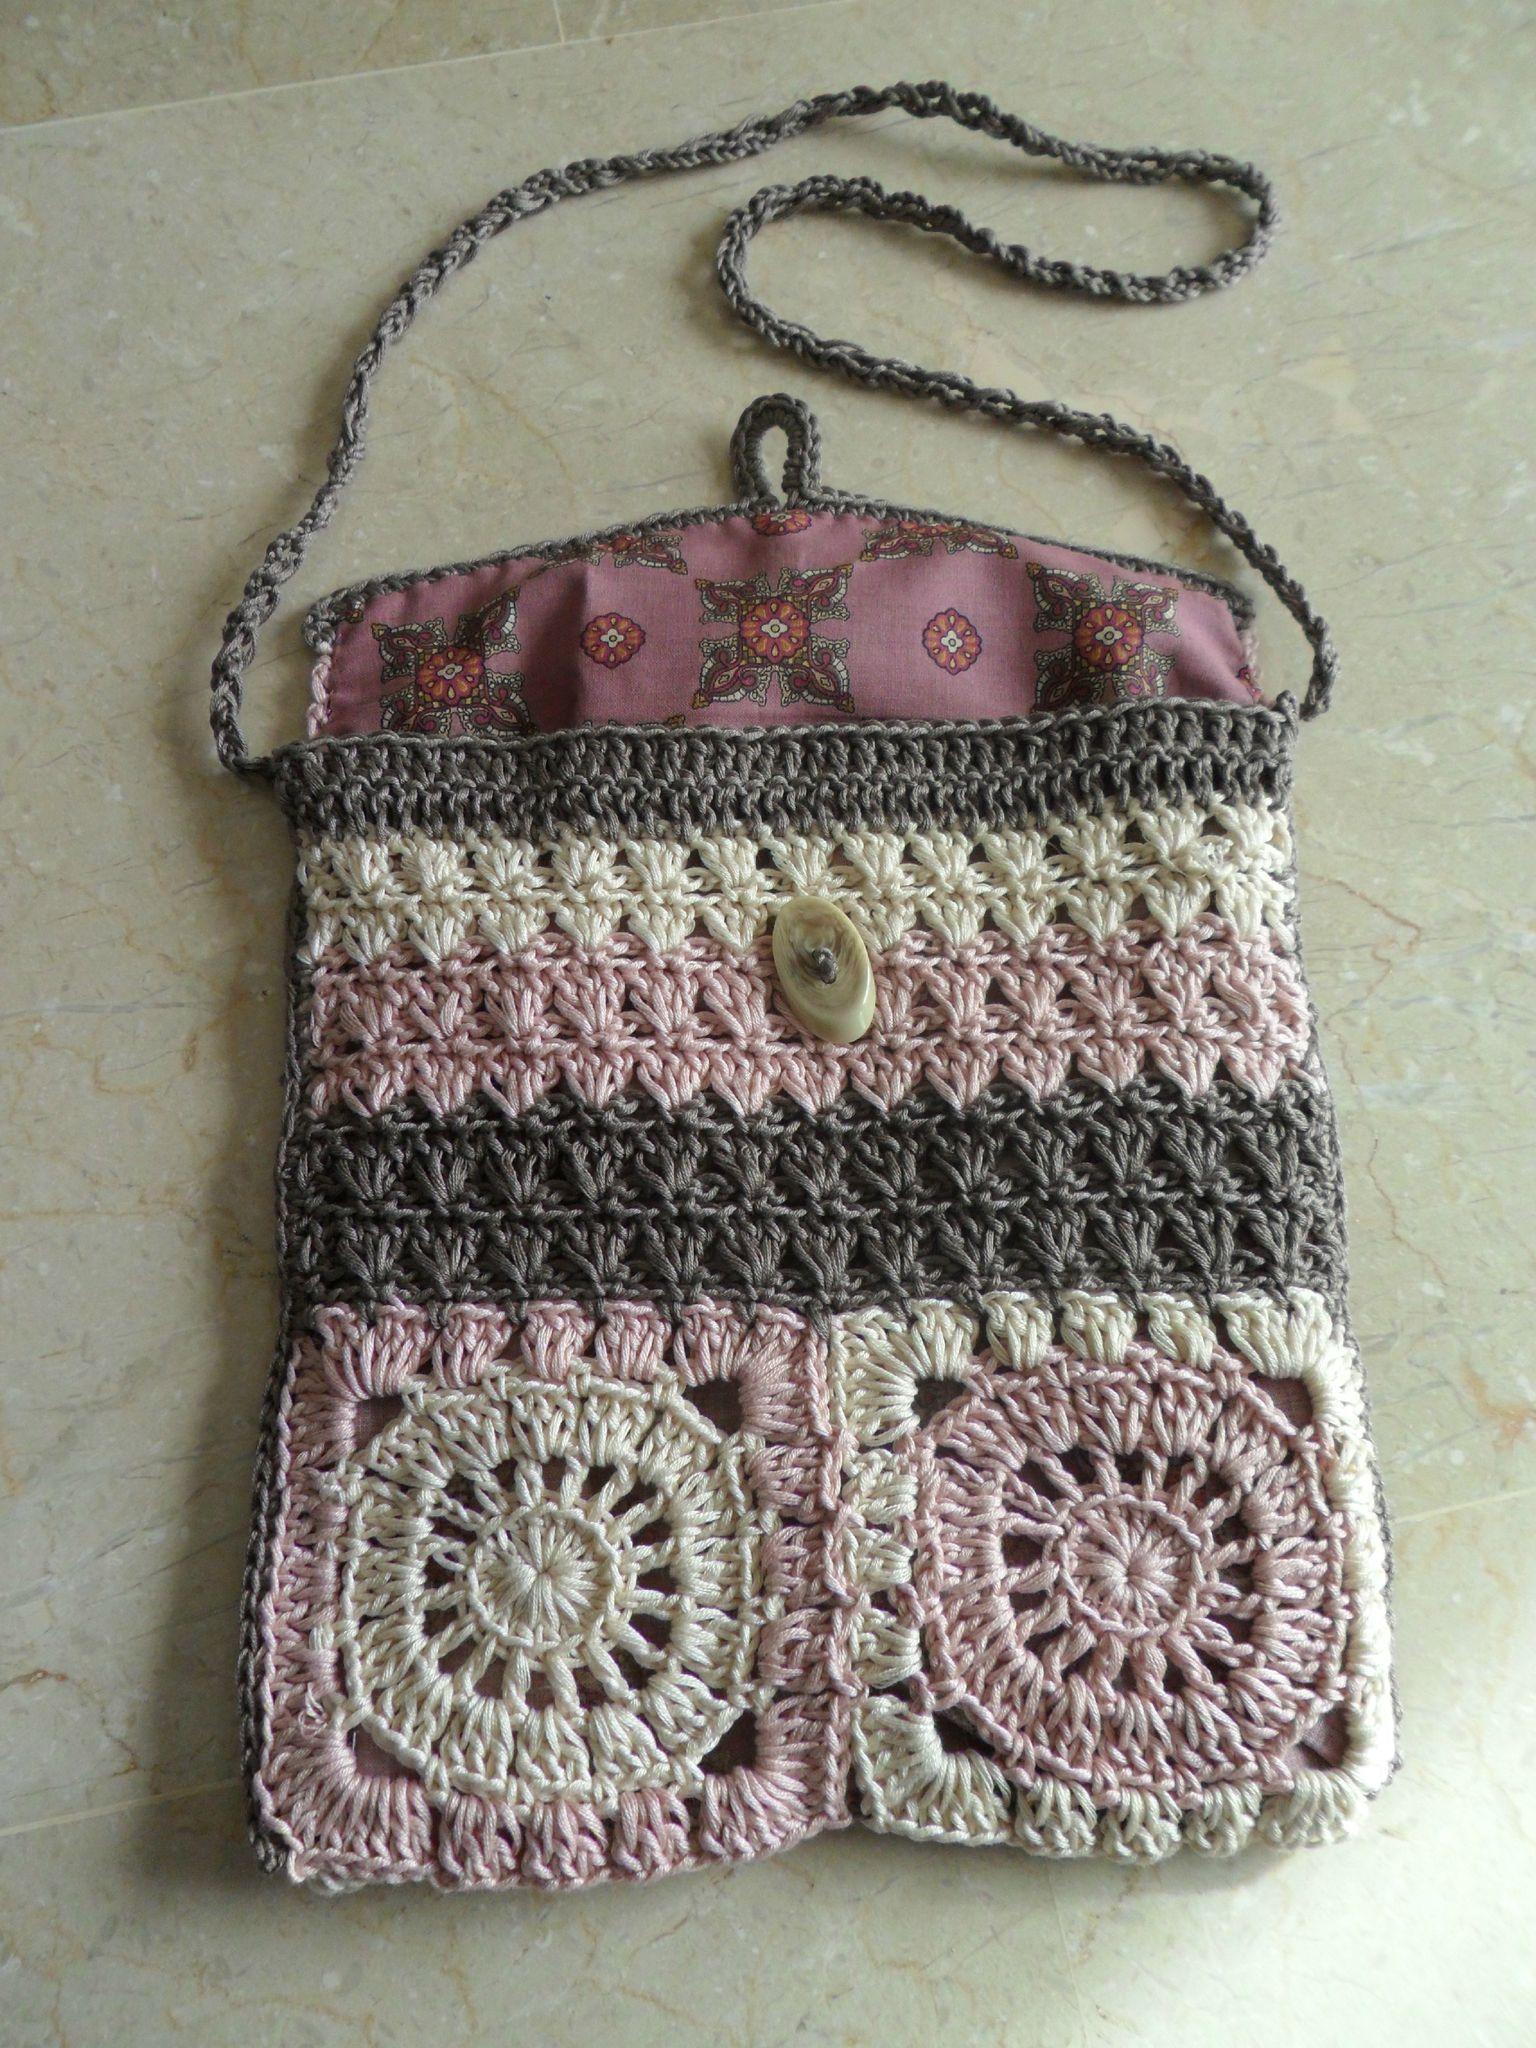 Sac Au Crochet Tous Les Messages Sur Sac Au Crochet